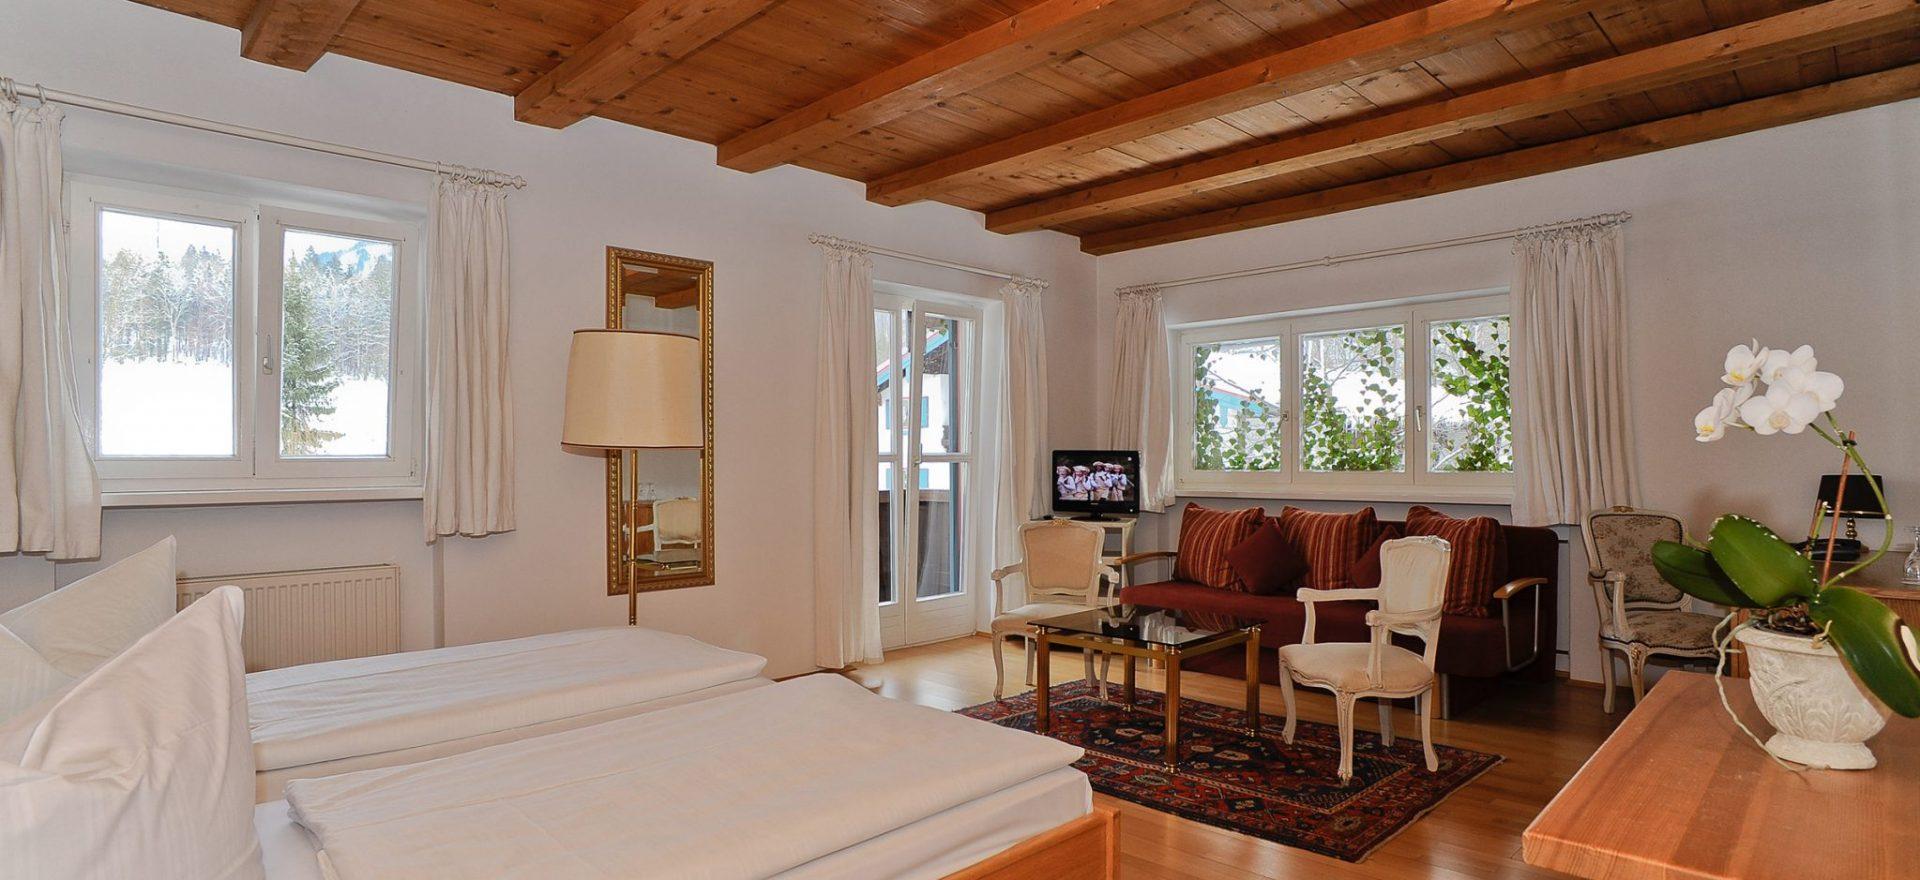 Familienzimmer, Kategorie A in Stoll's Hotel Alpina in Schönau am Königssee / Berchtesgaden